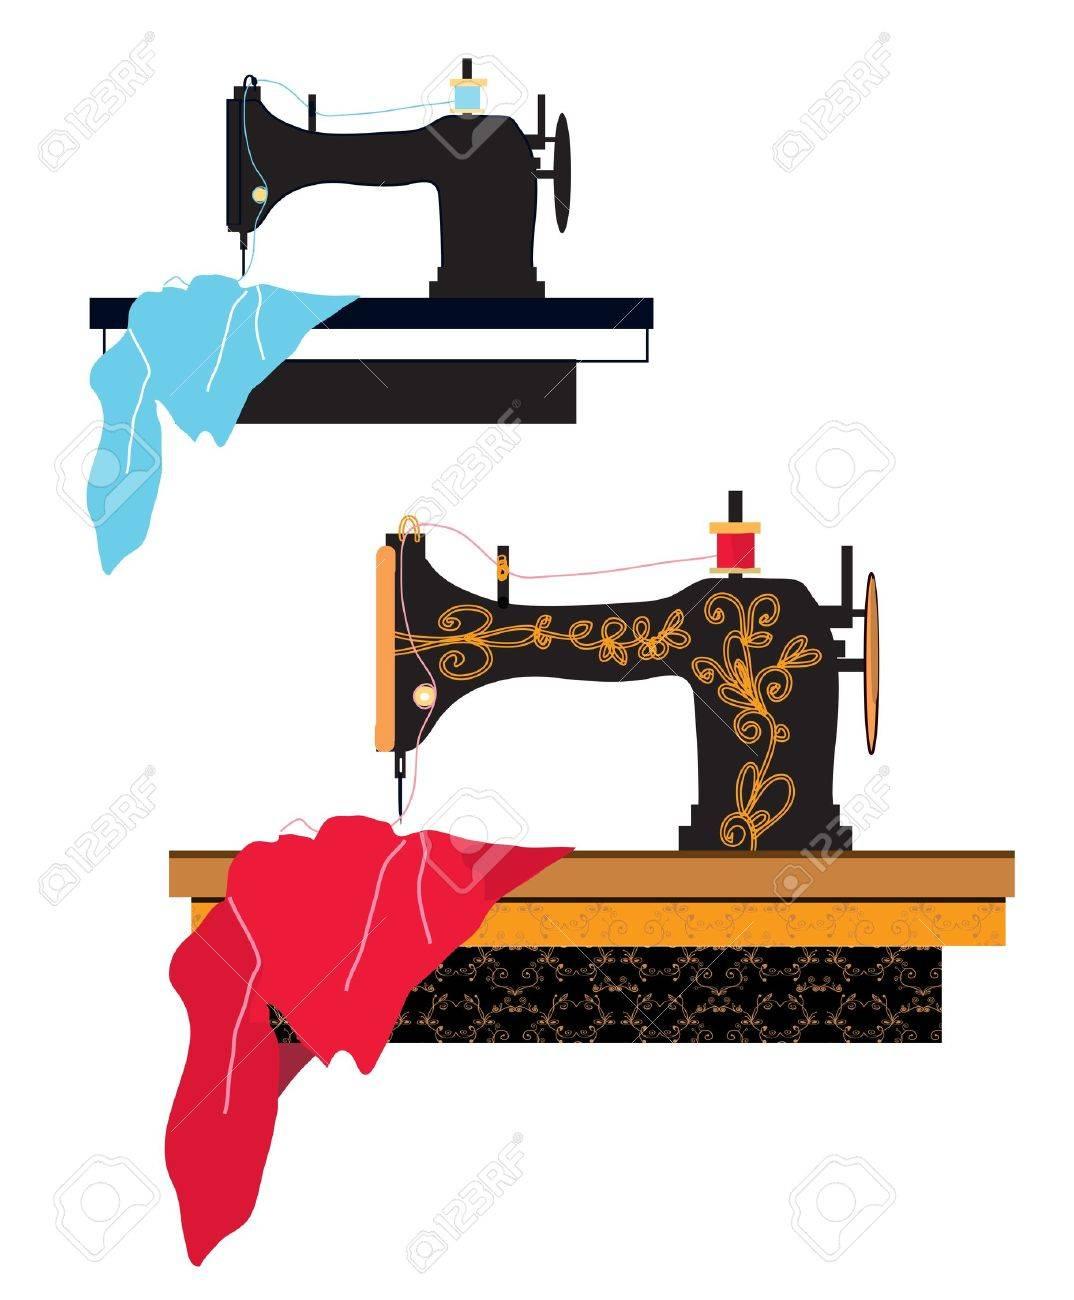 Coser la silueta y el diseño con el patrón de la máquina